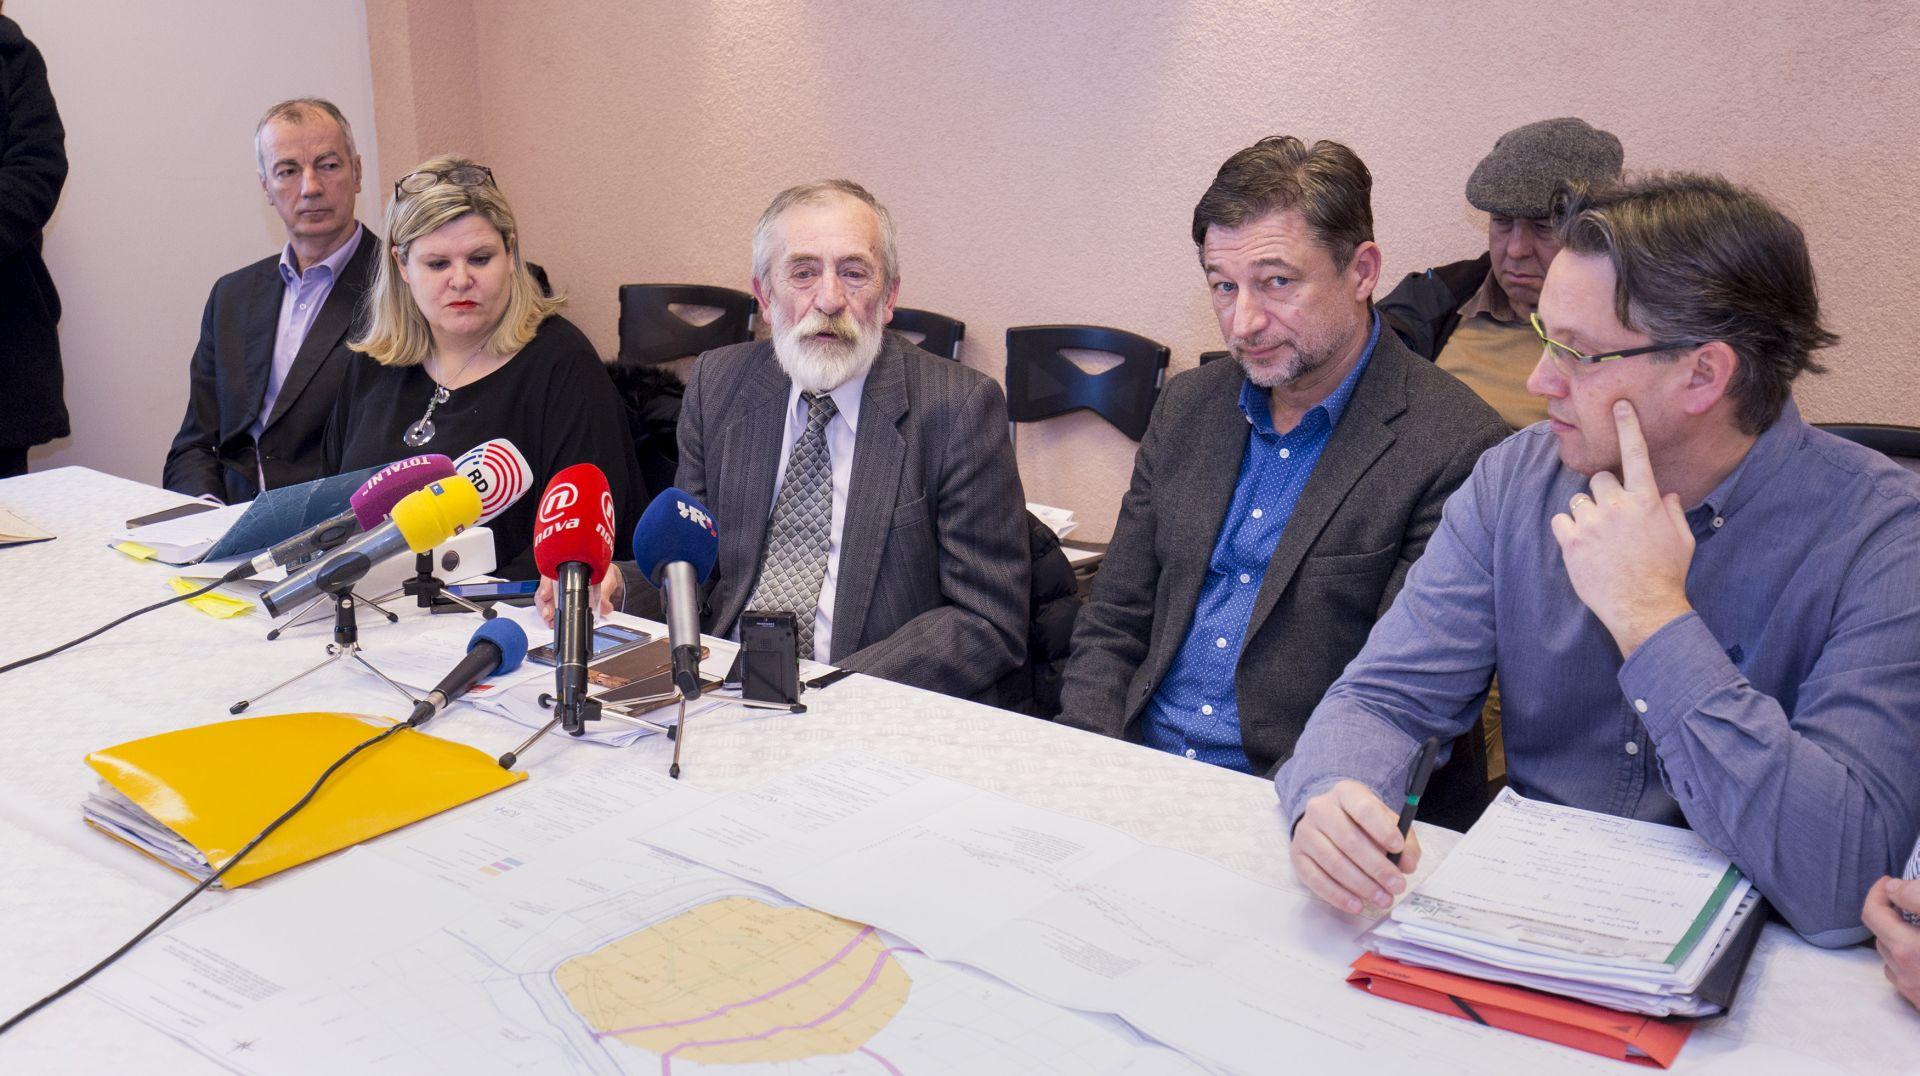 'Karepovac se sanira slično kao i Jakuševac'